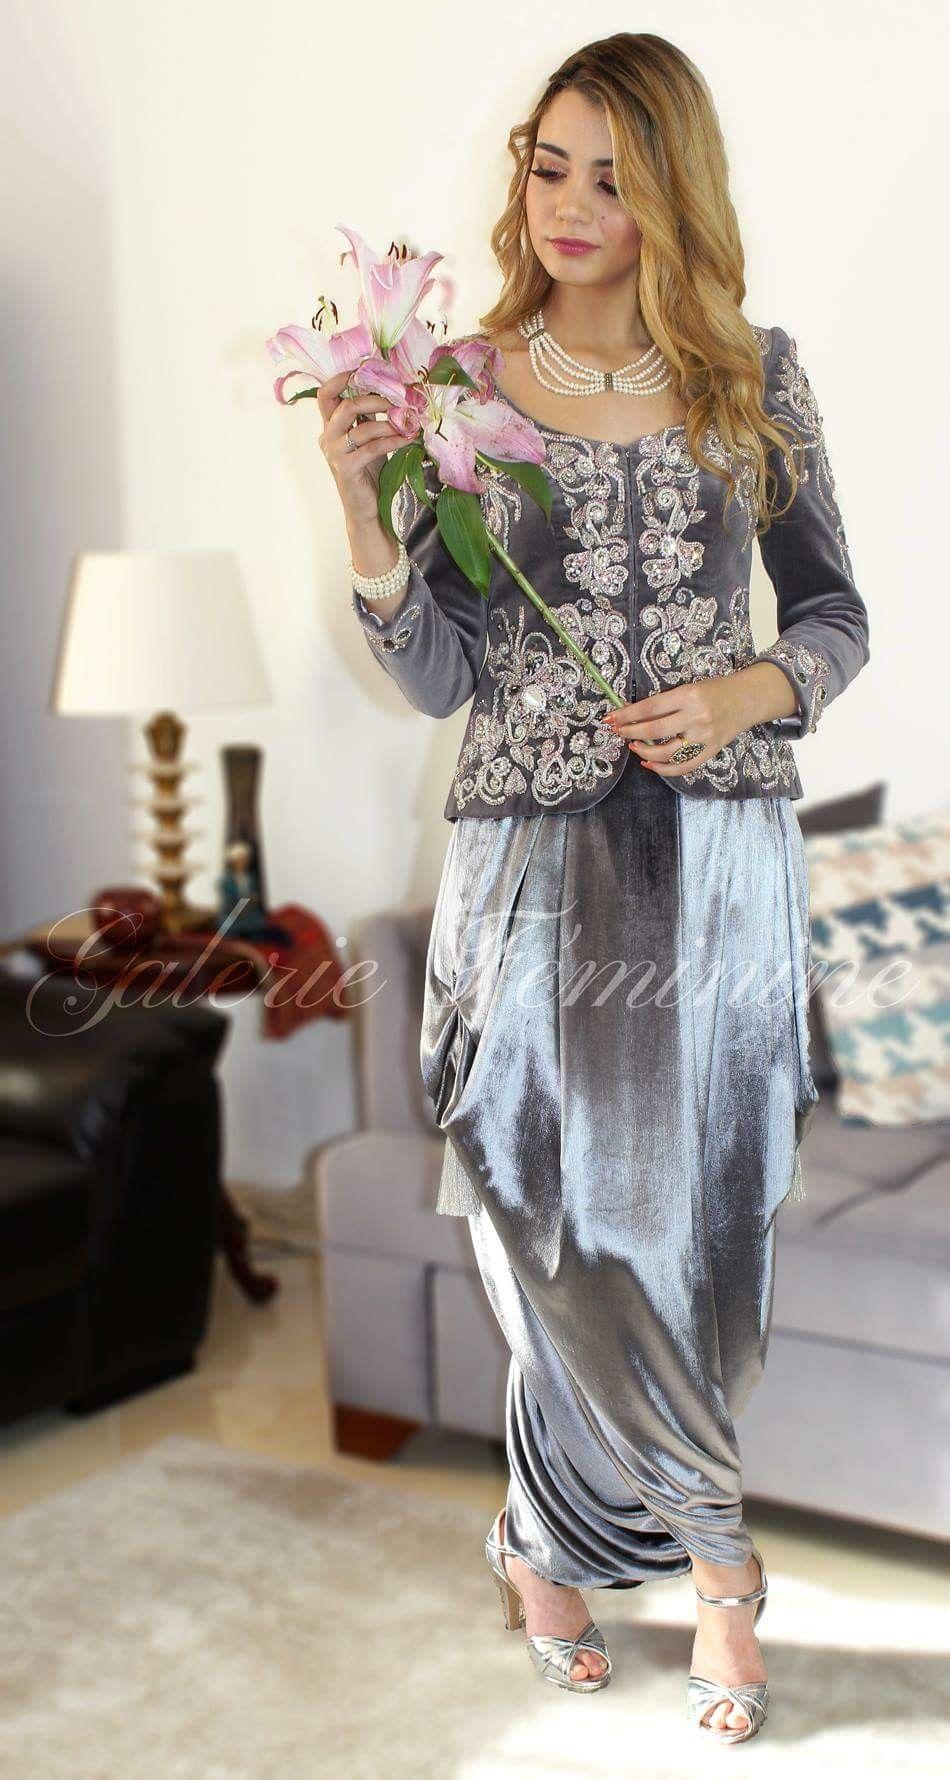 pingl par maman soumenlaibra sur caftans et tenues. Black Bedroom Furniture Sets. Home Design Ideas